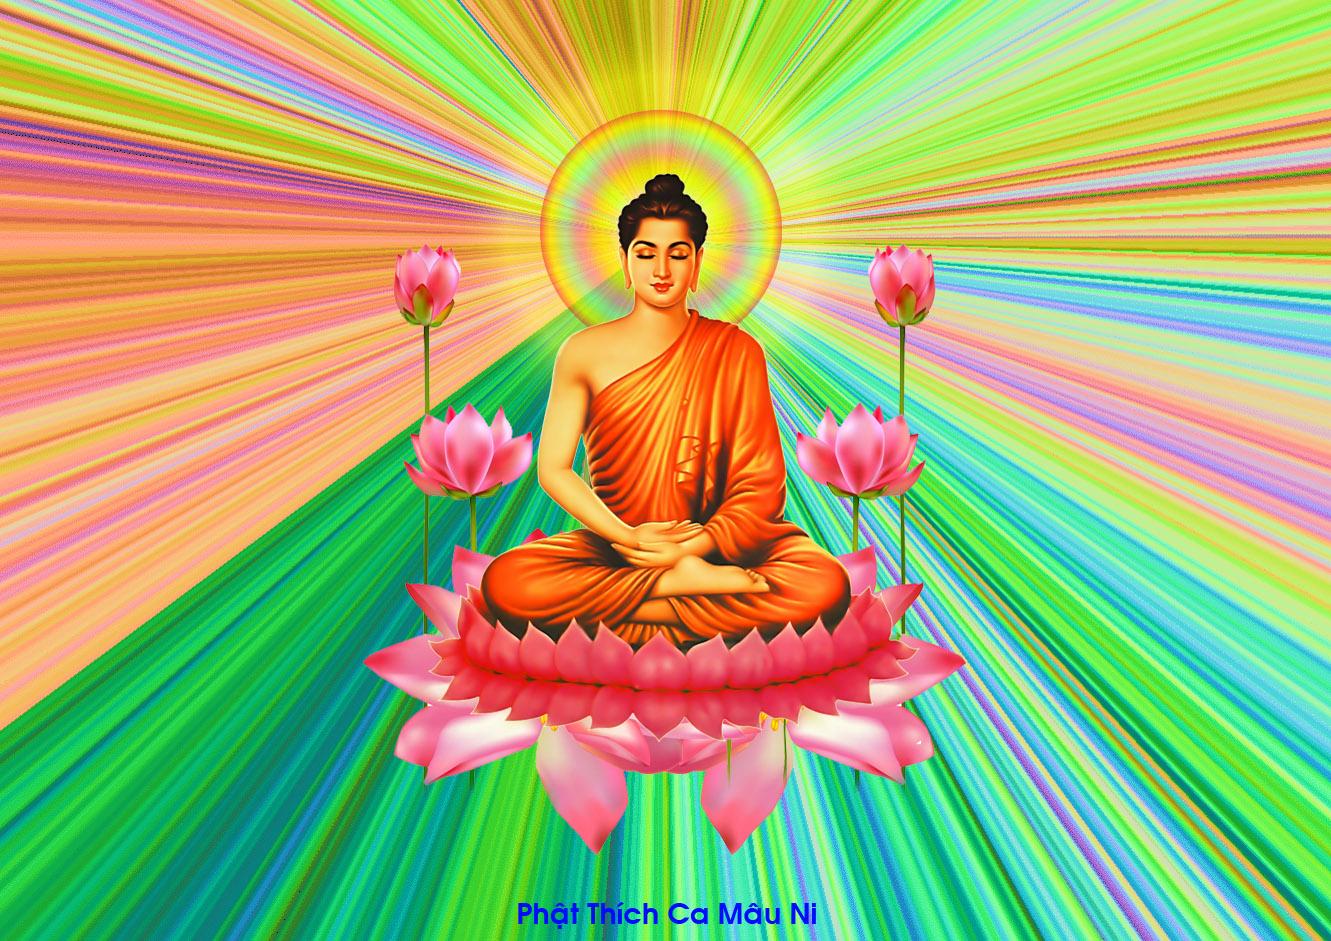 Tôn ảnh Phật Thích Ca Mâu Ni bản mới – New images of Shakyamuni (Gautama) Buddha